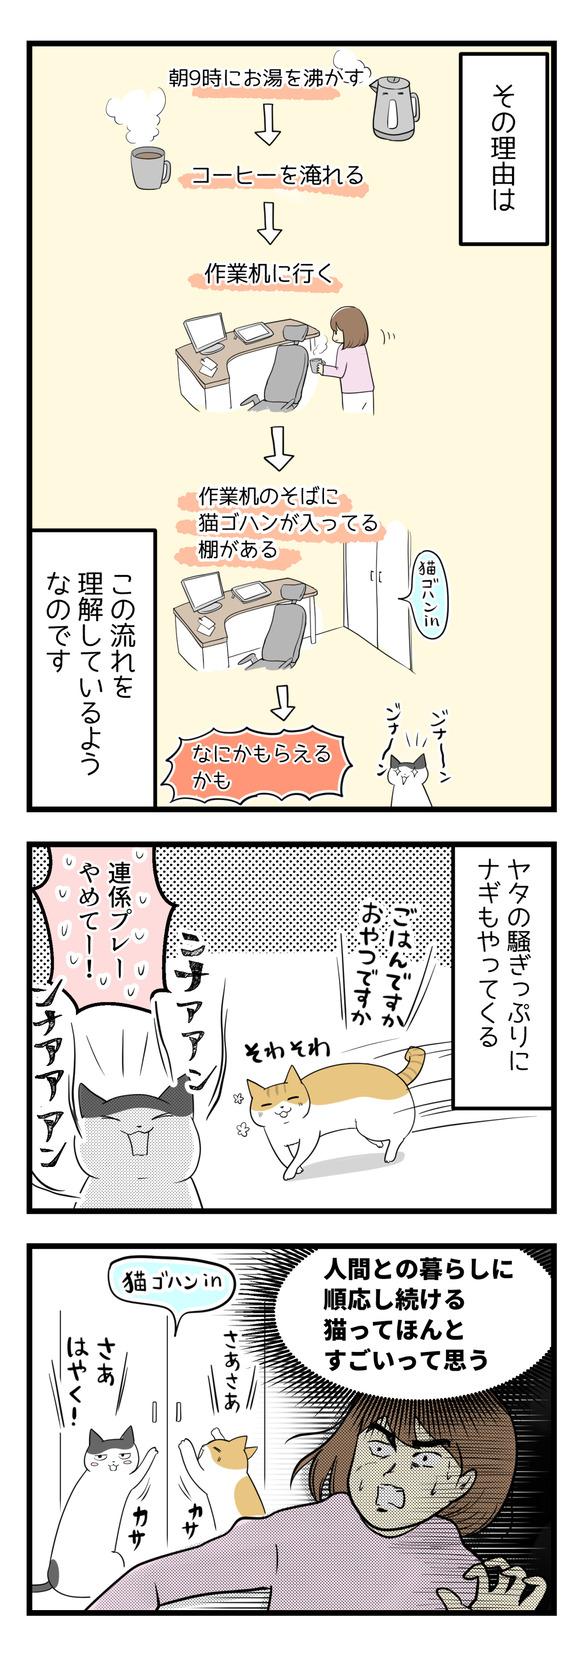 猫の順応性に驚く話-2-